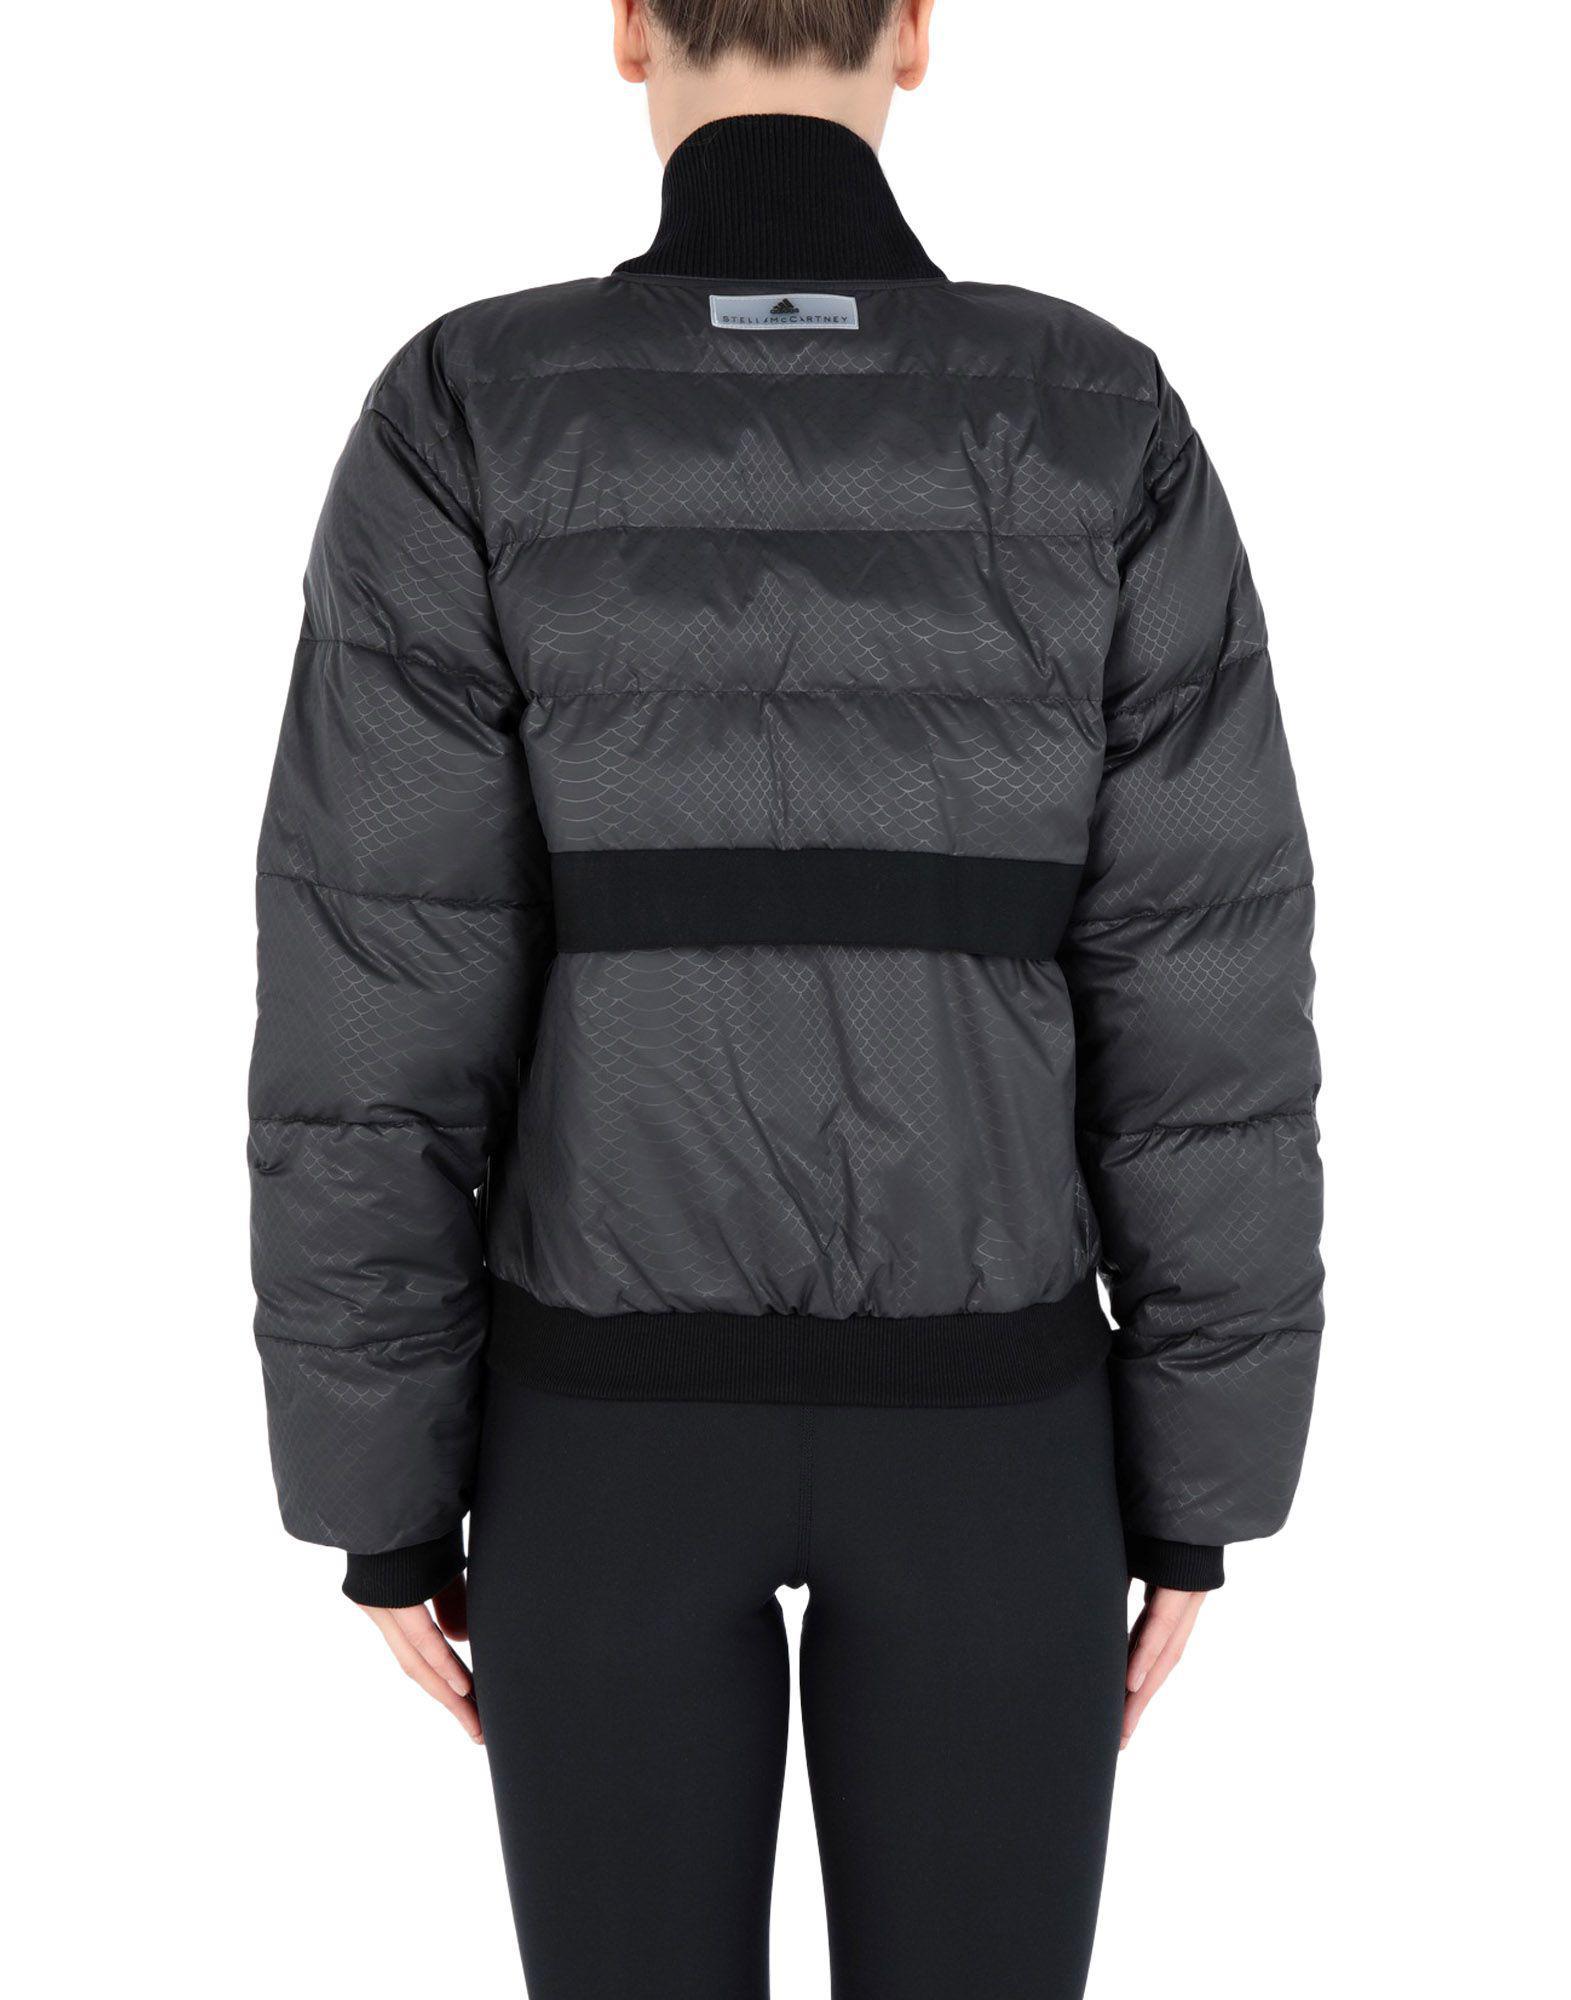 23f1f8bb9c16 Lyst - adidas By Stella McCartney Synthetic Down Jacket in Black